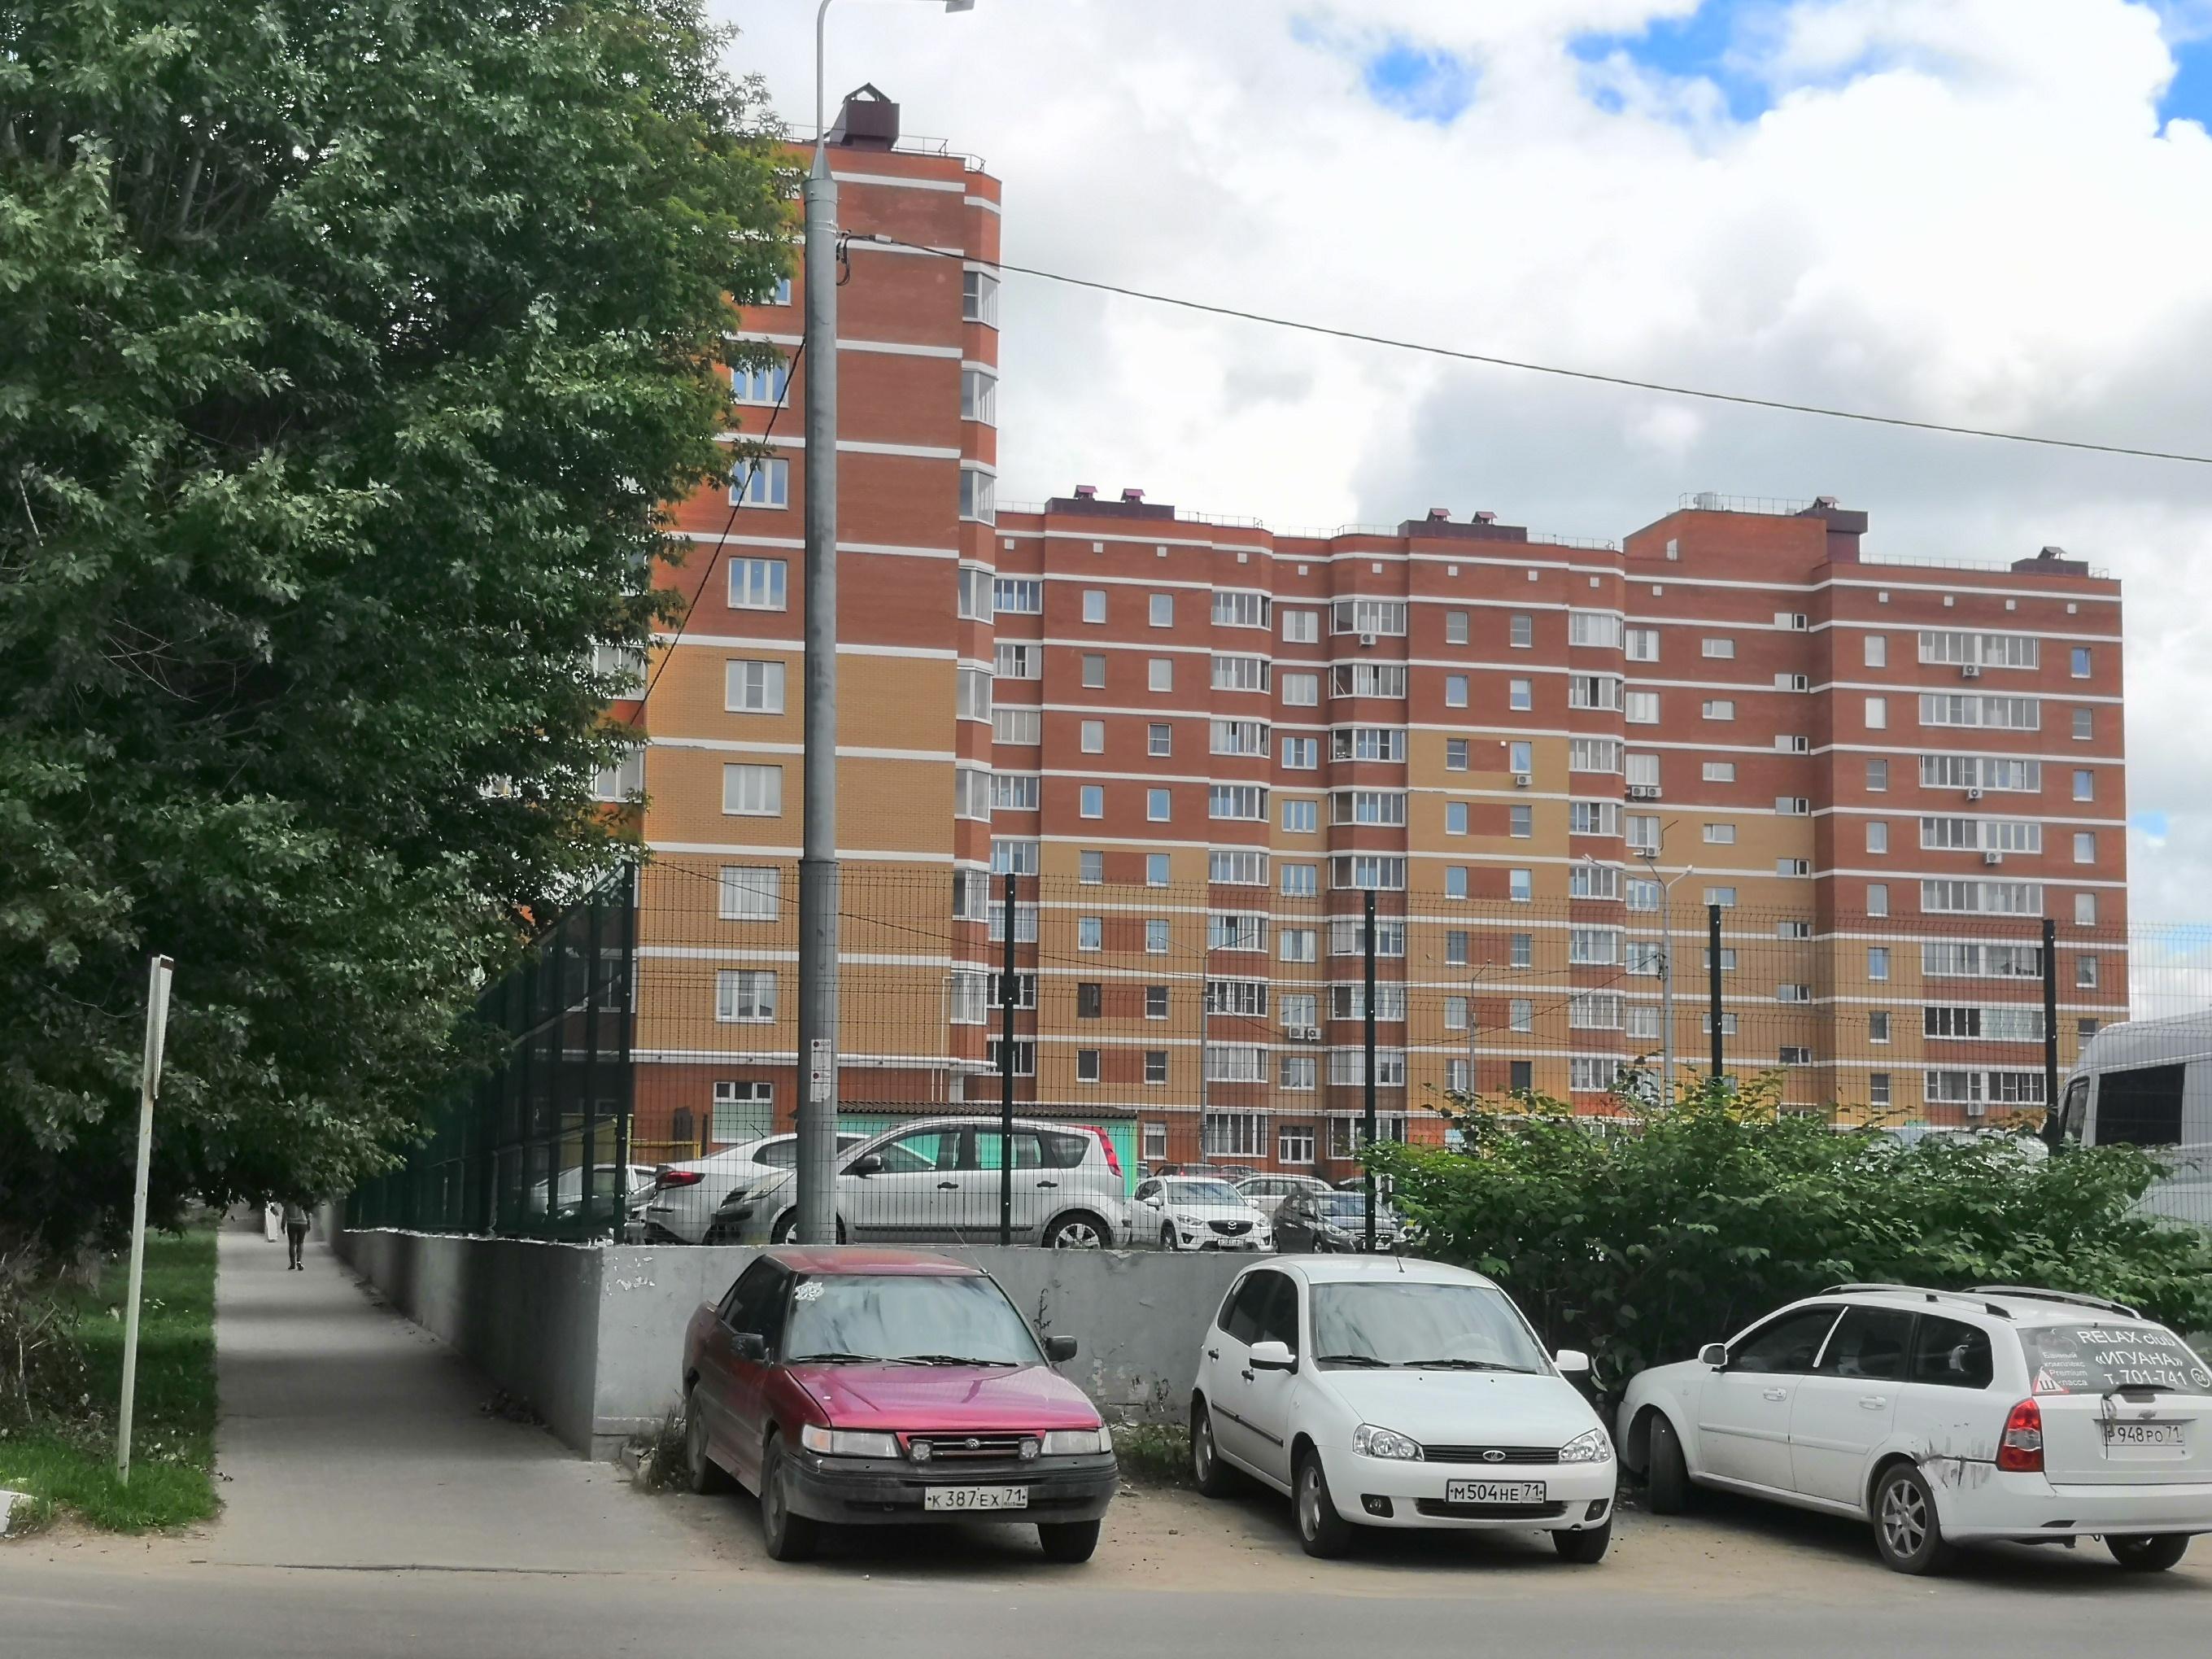 Фотографии дома ЖК НА ЛИТЕЙНОЙ 22а по улице Литейная г. Тула. ООО Компания